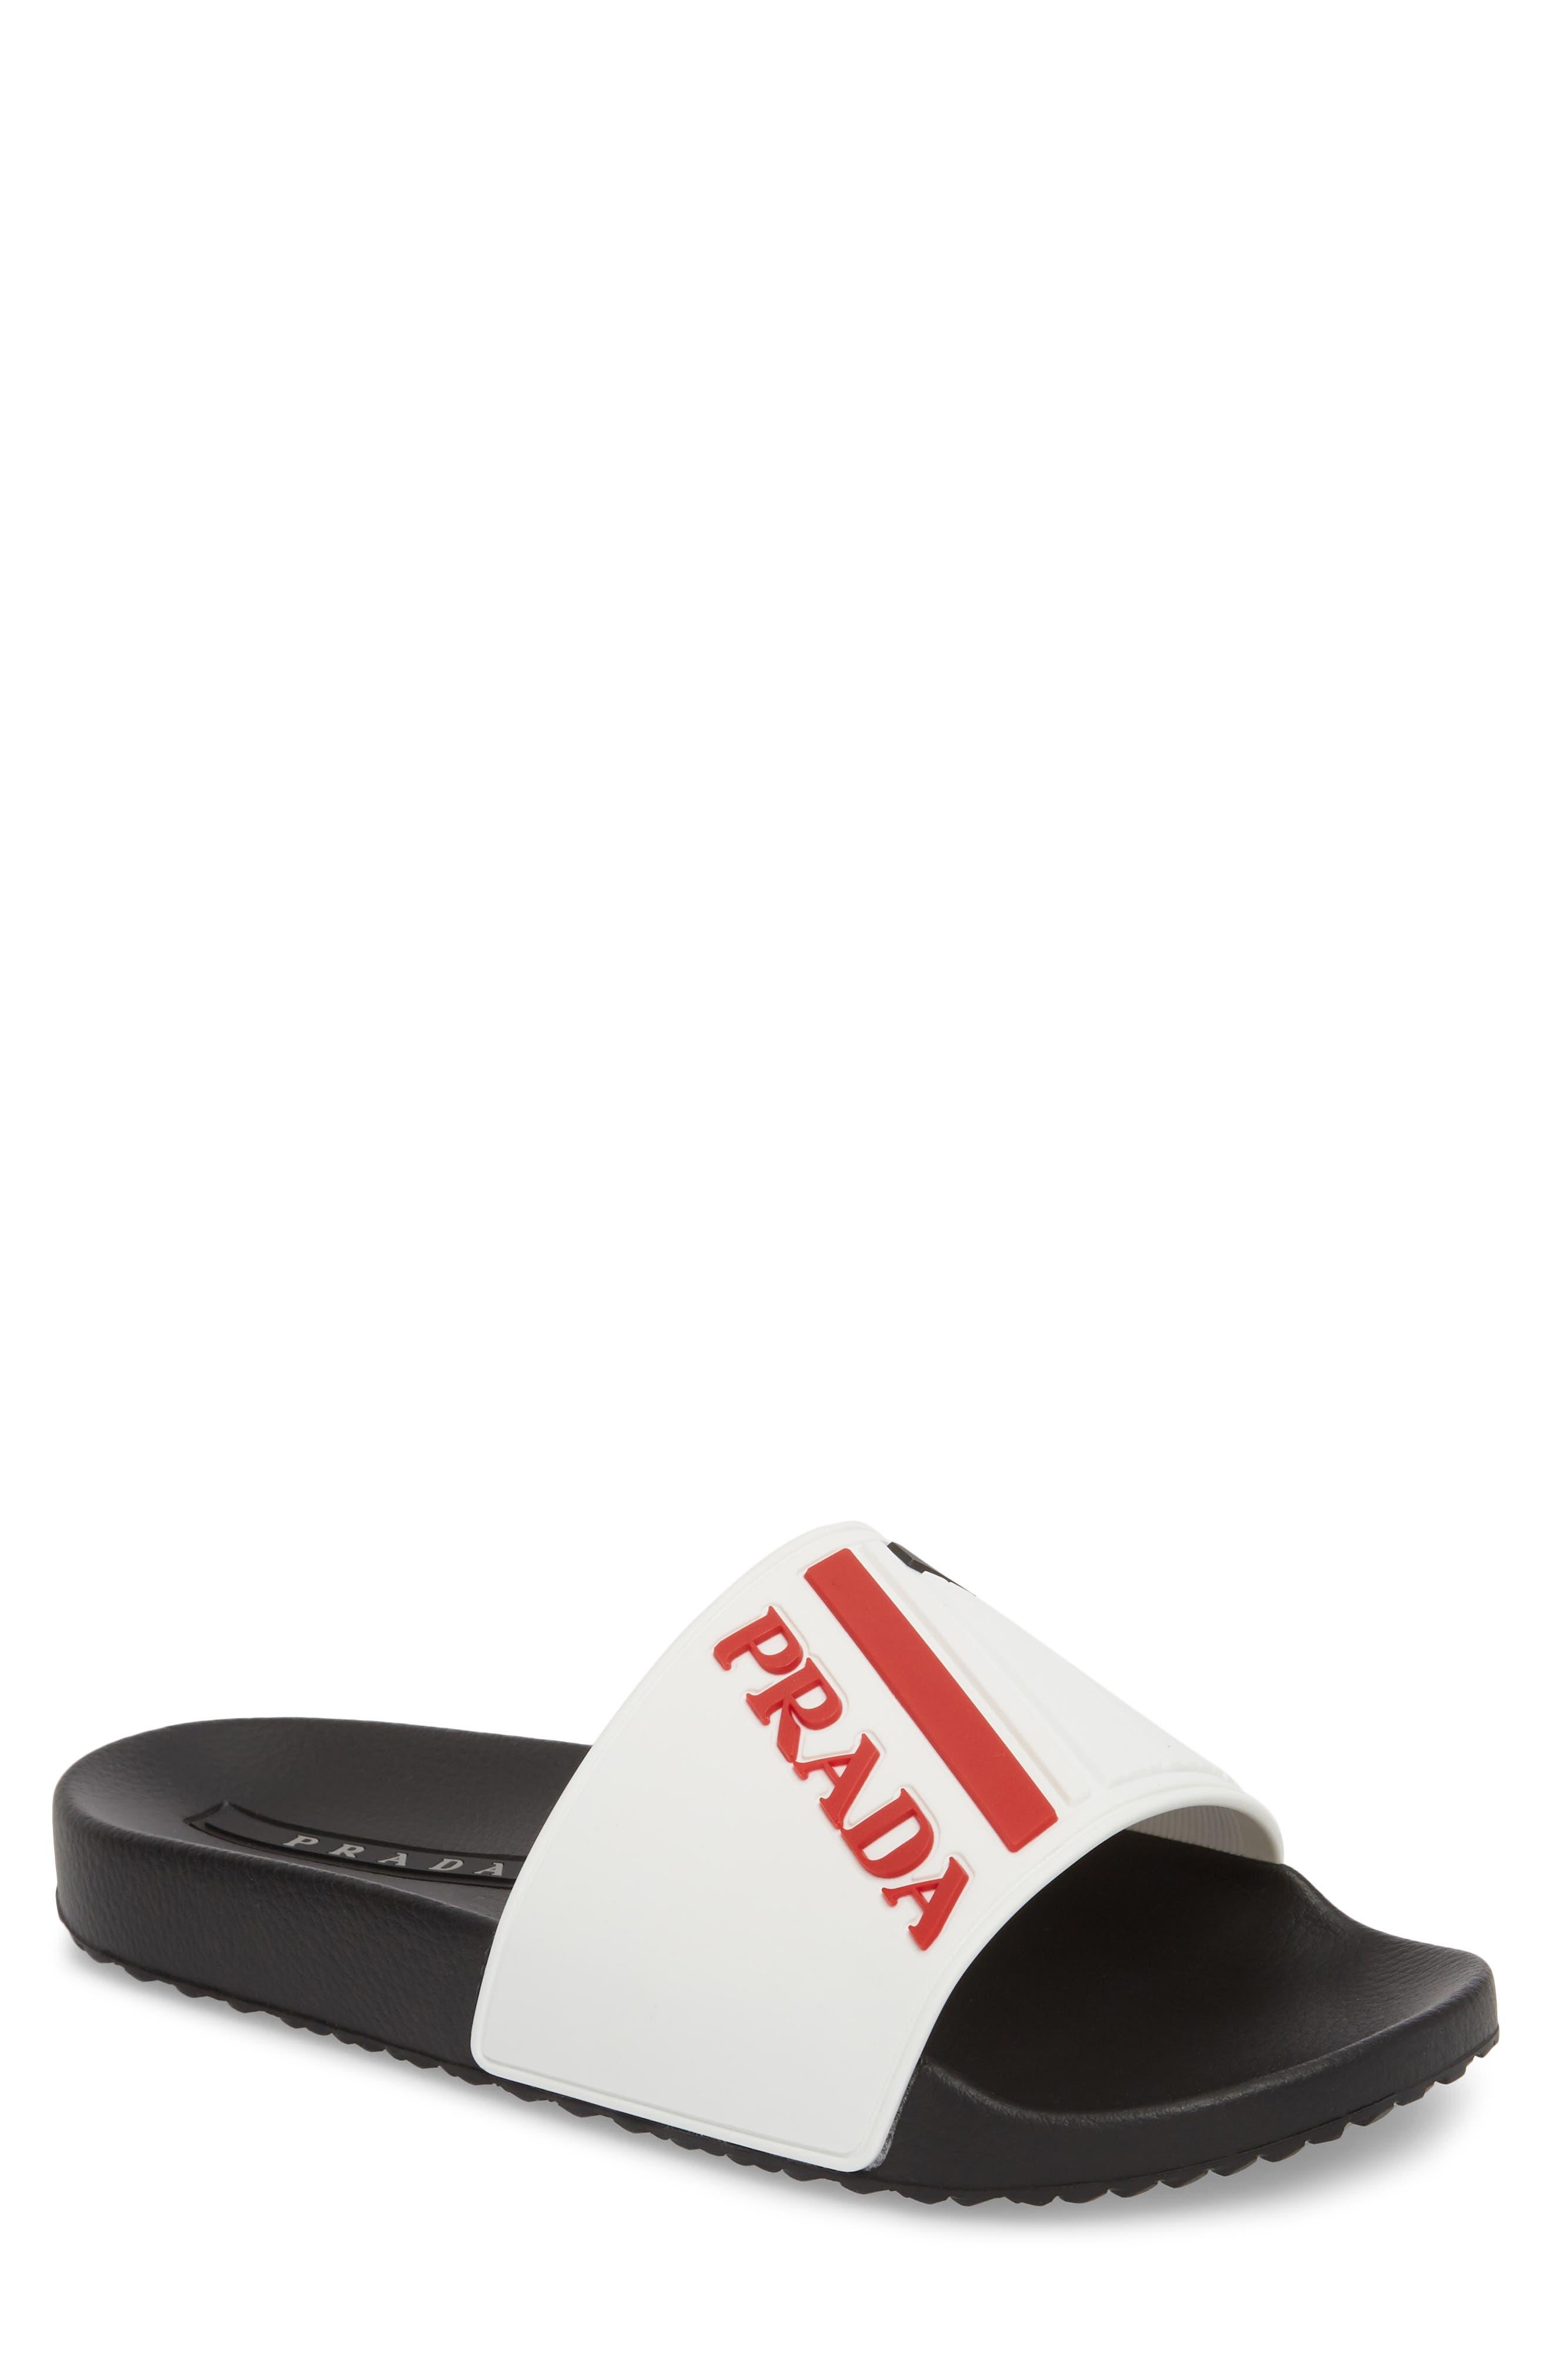 Linea Rossa Logo Slide Sandal,                             Main thumbnail 1, color,                             White/ Rosso